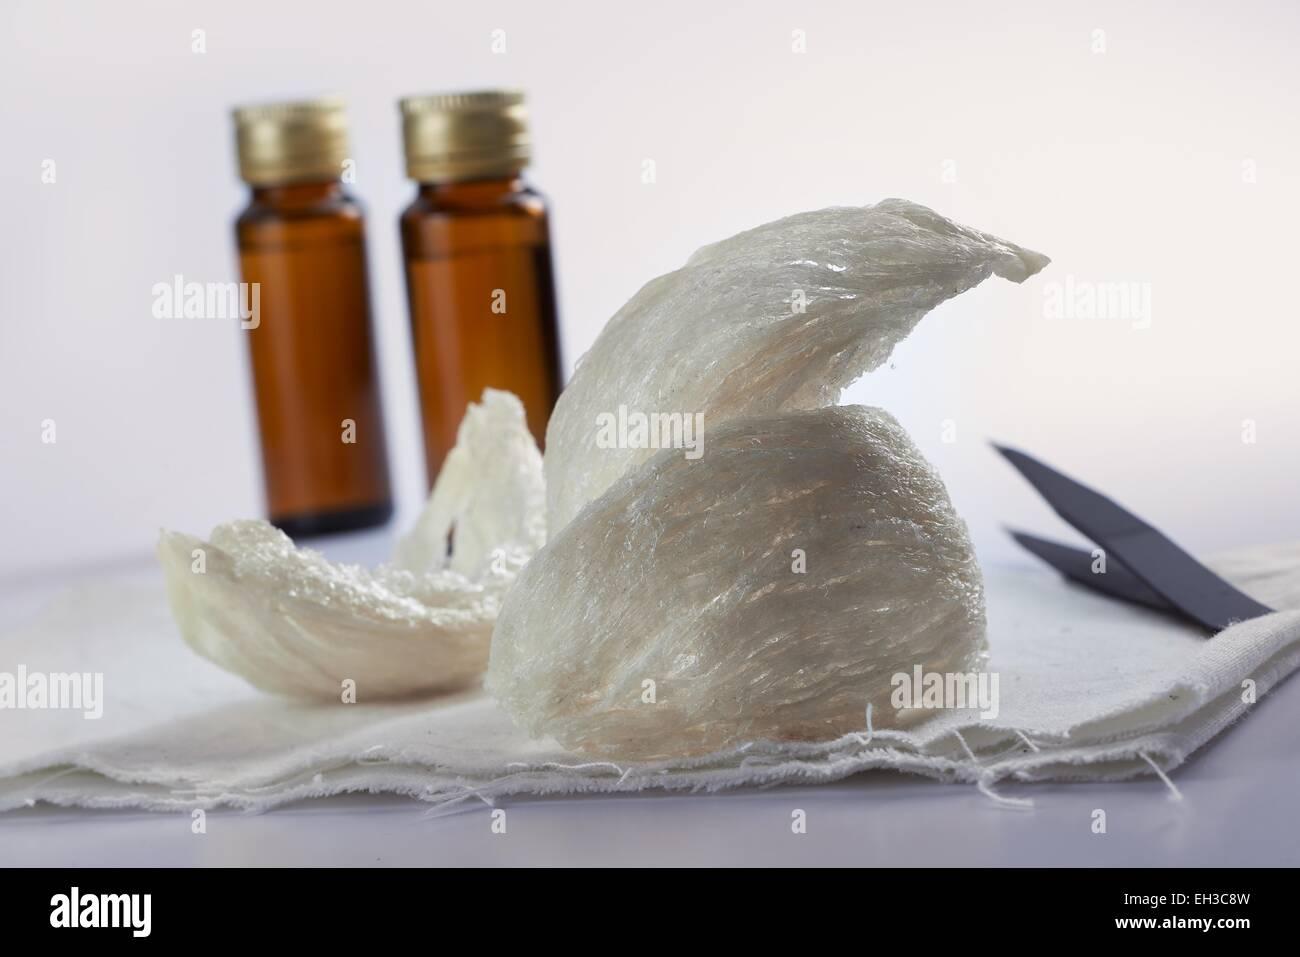 Essbare Birdnest mit Essenz Flasche und Zange auf sauberer Hintergrund Stockbild